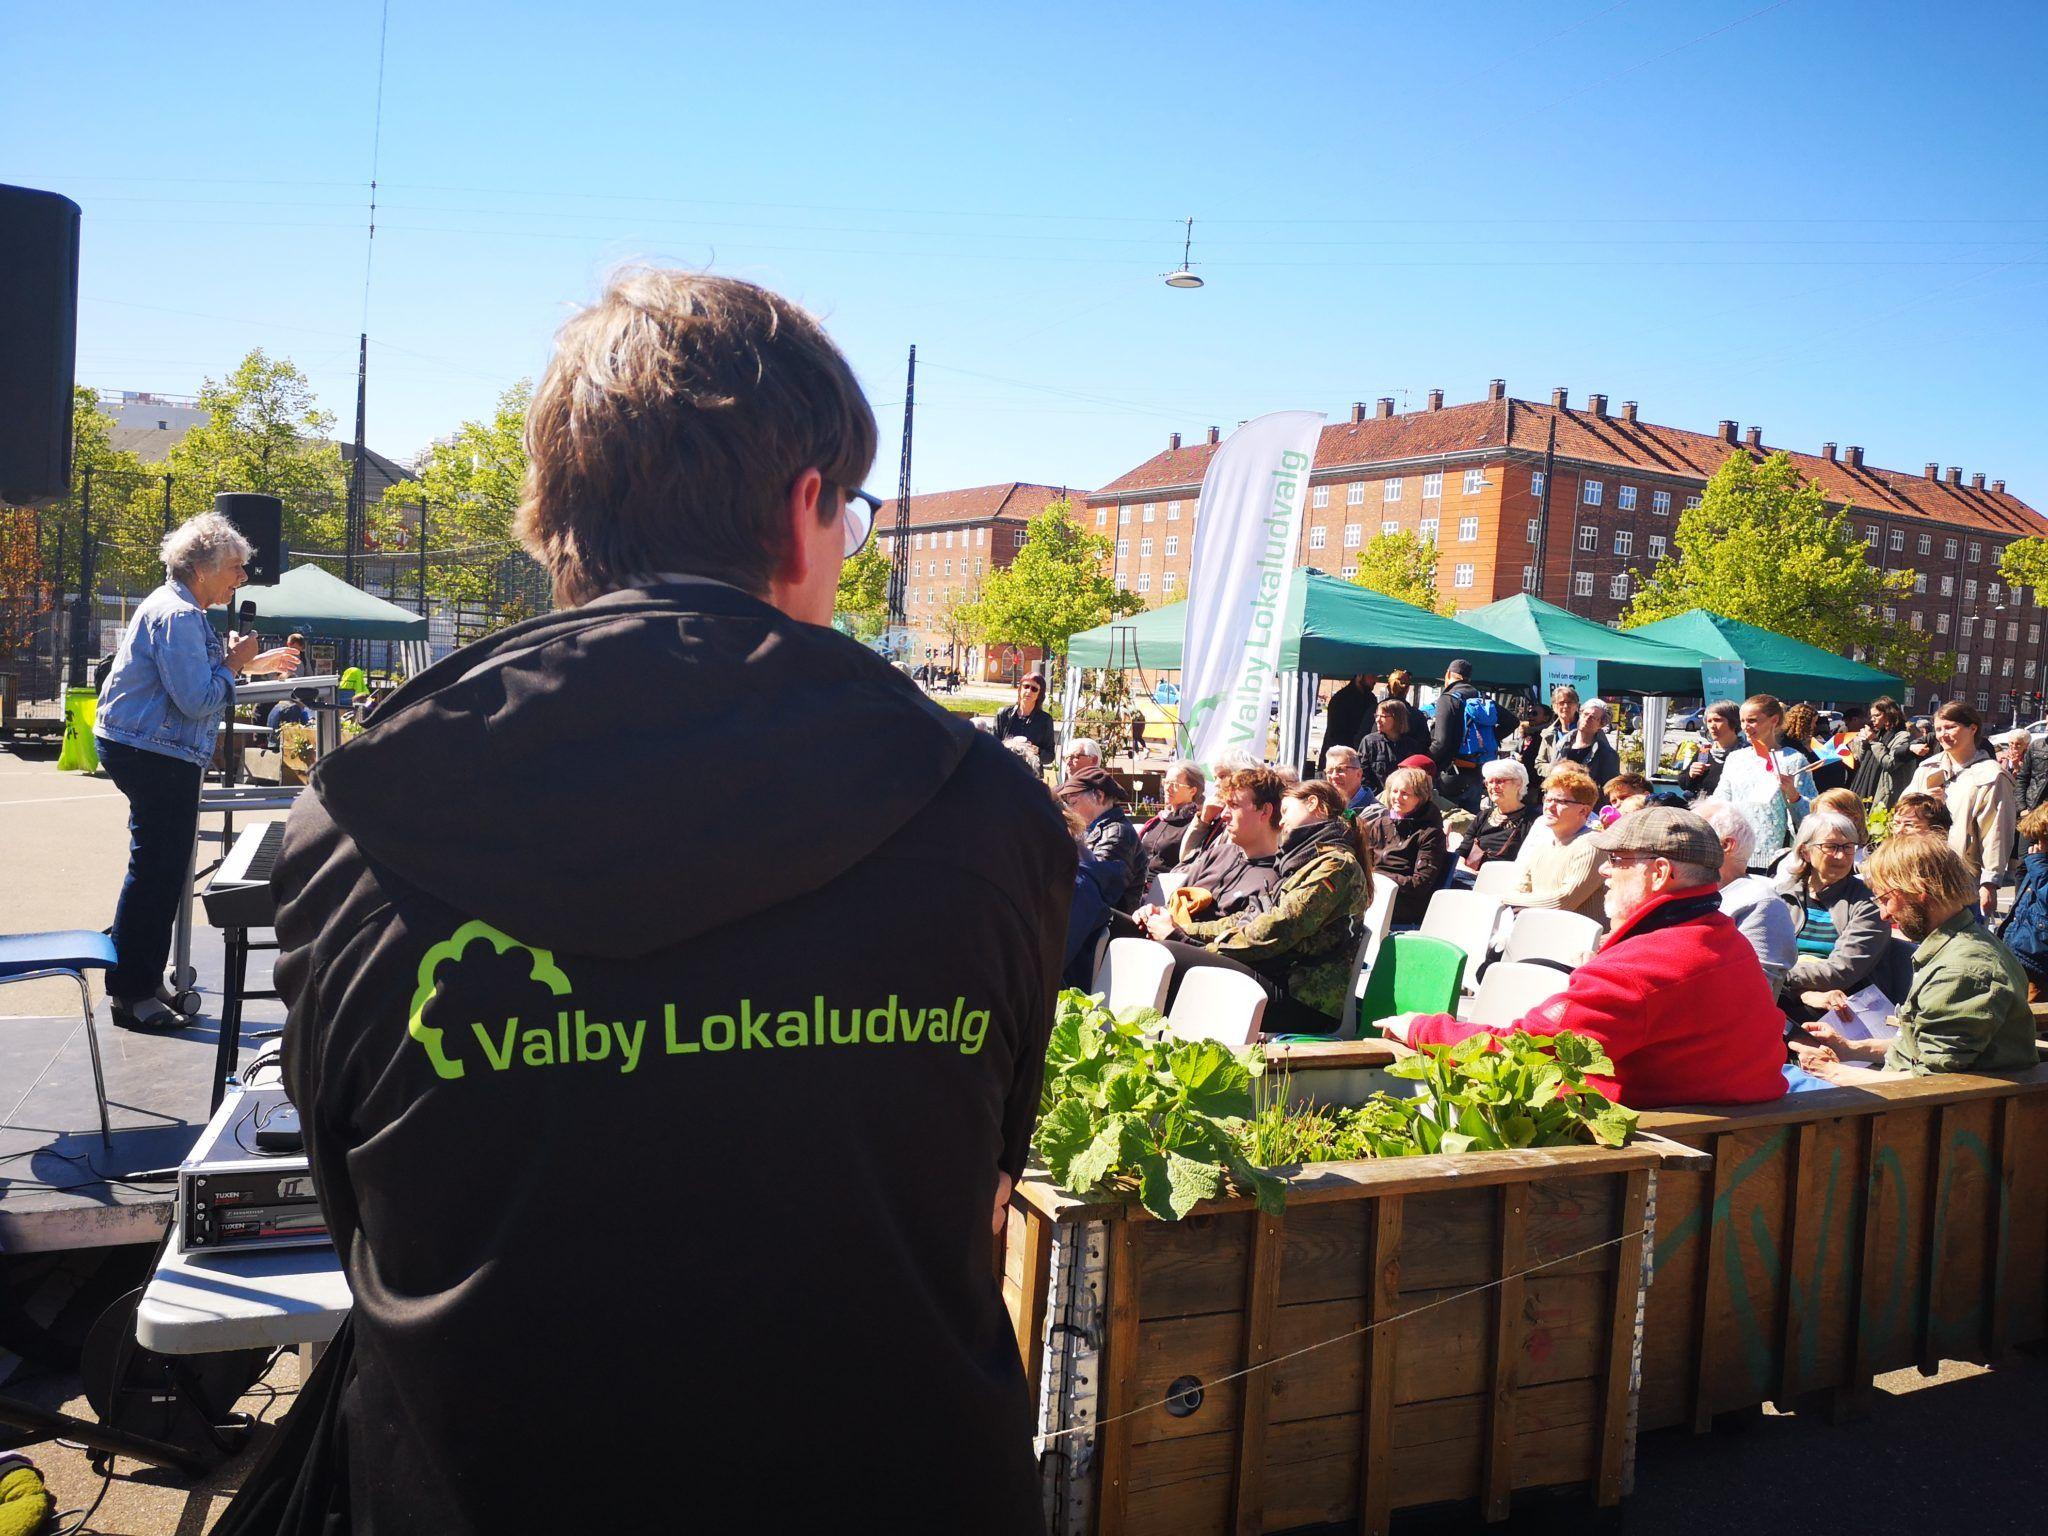 Klimafestival på Toftegårds Plads 2019